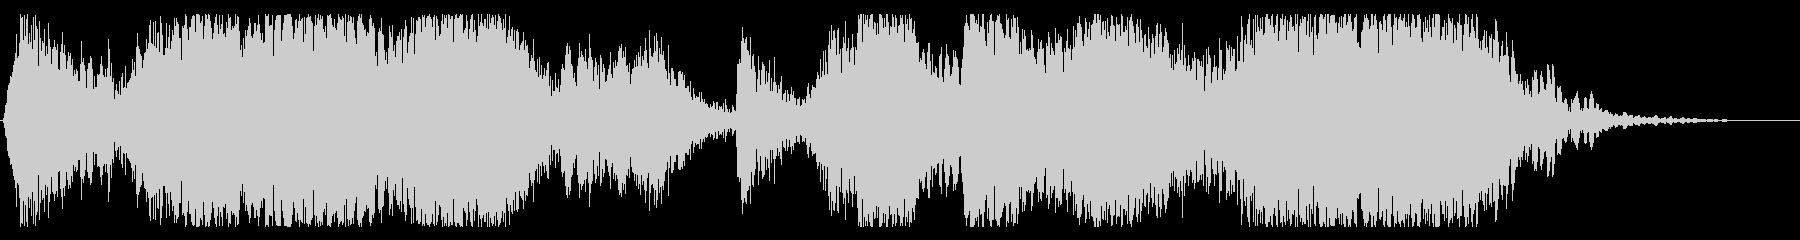 スクラッチ/DJの効果音!10の未再生の波形